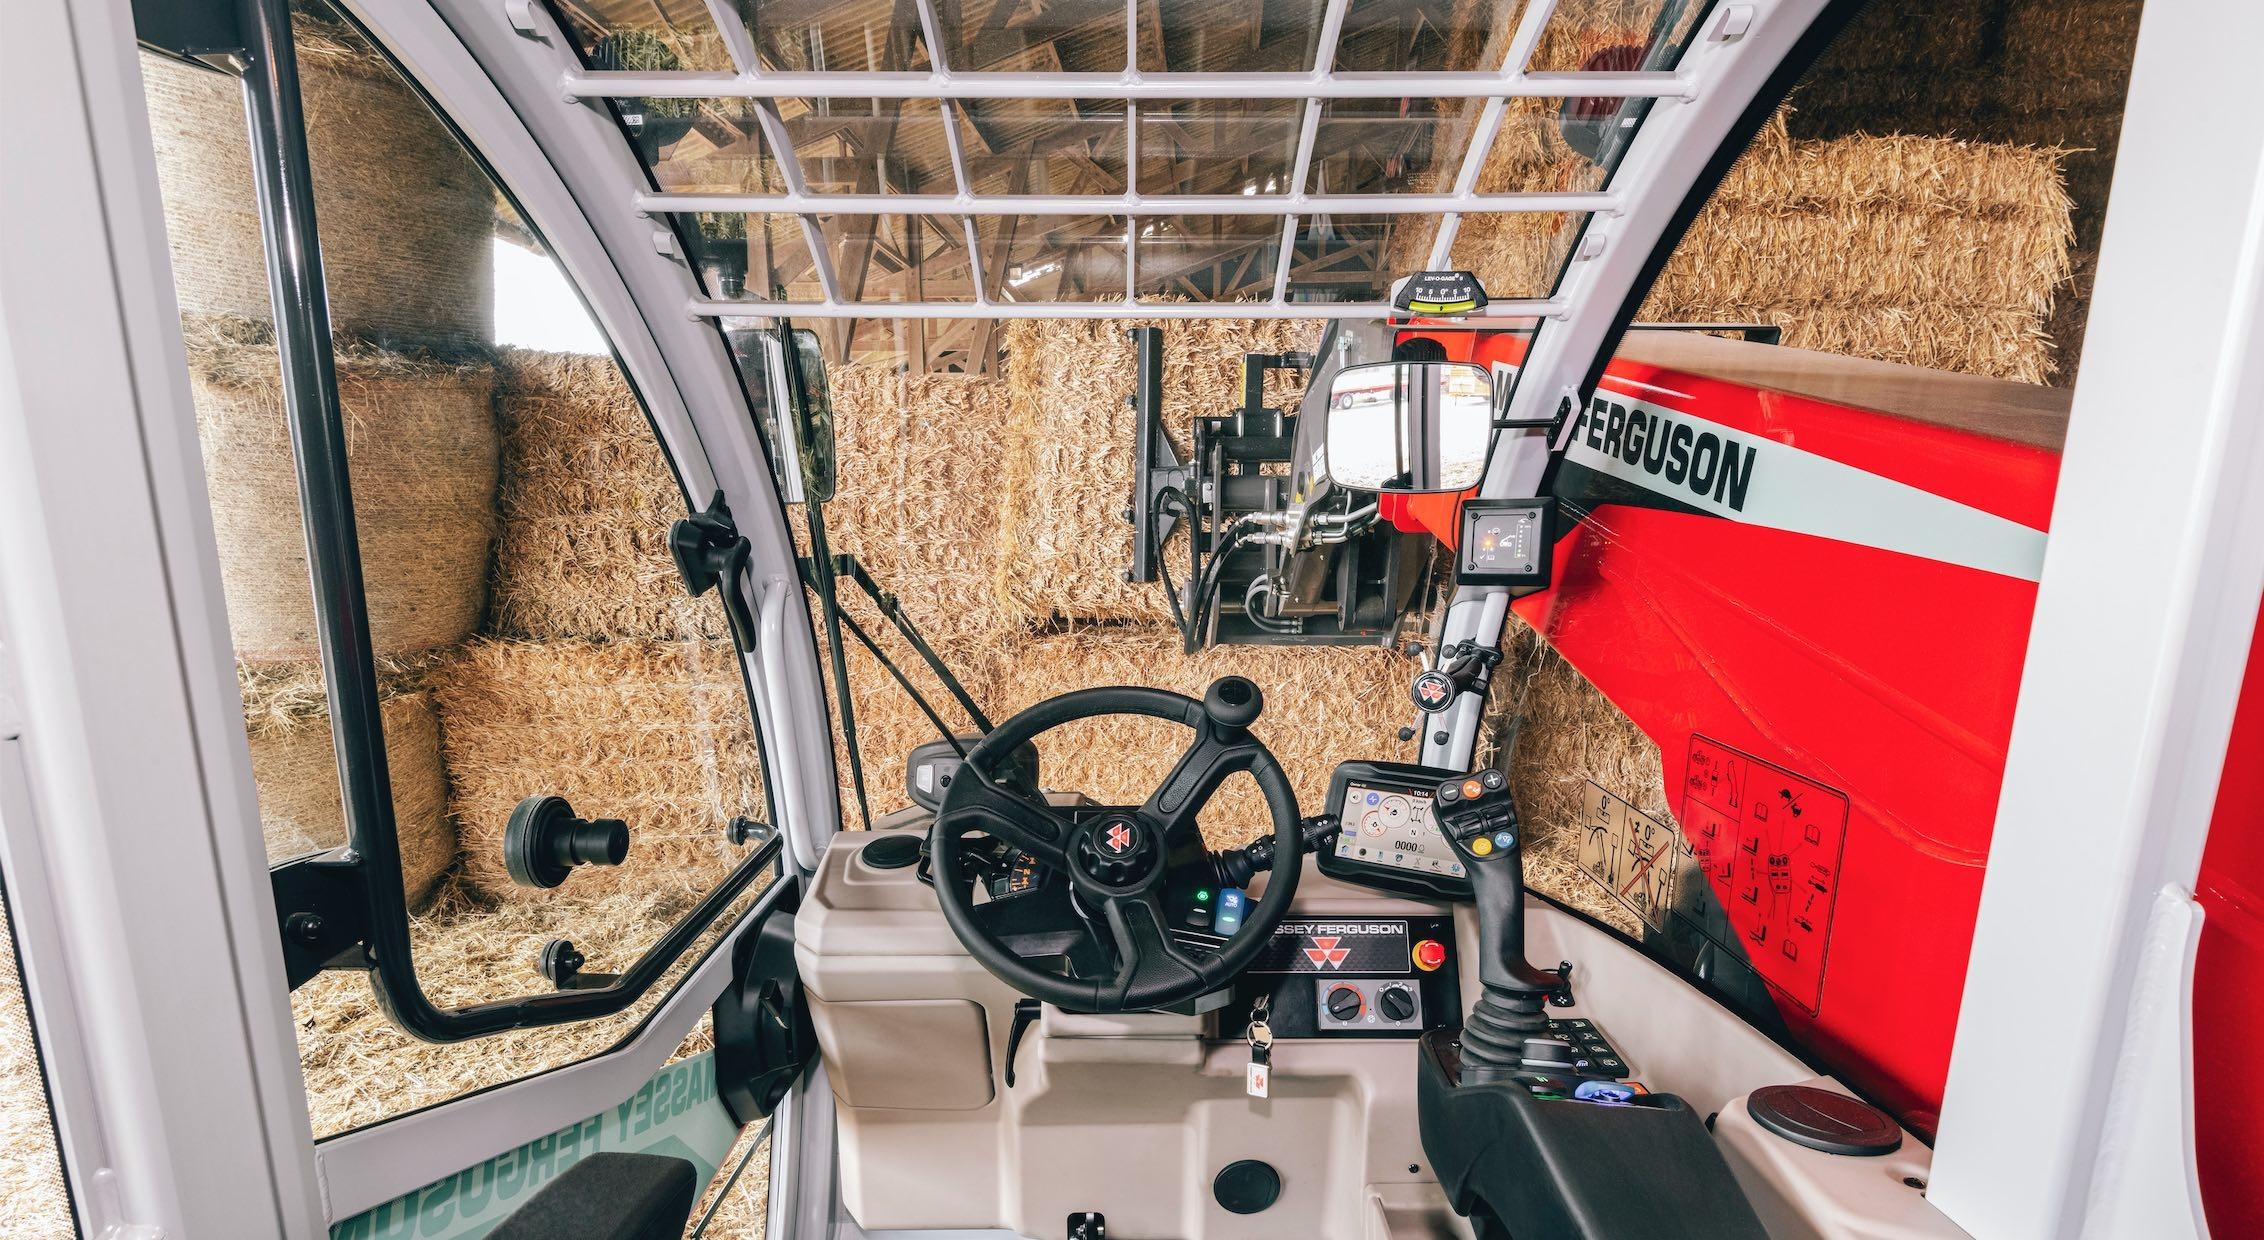 La nouvelle cabine offre une meilleure visibilité et une réduction de l'intensité sonore de 1,5 dBA sur route et jusqu'à 2 à 3 dBA au chargement